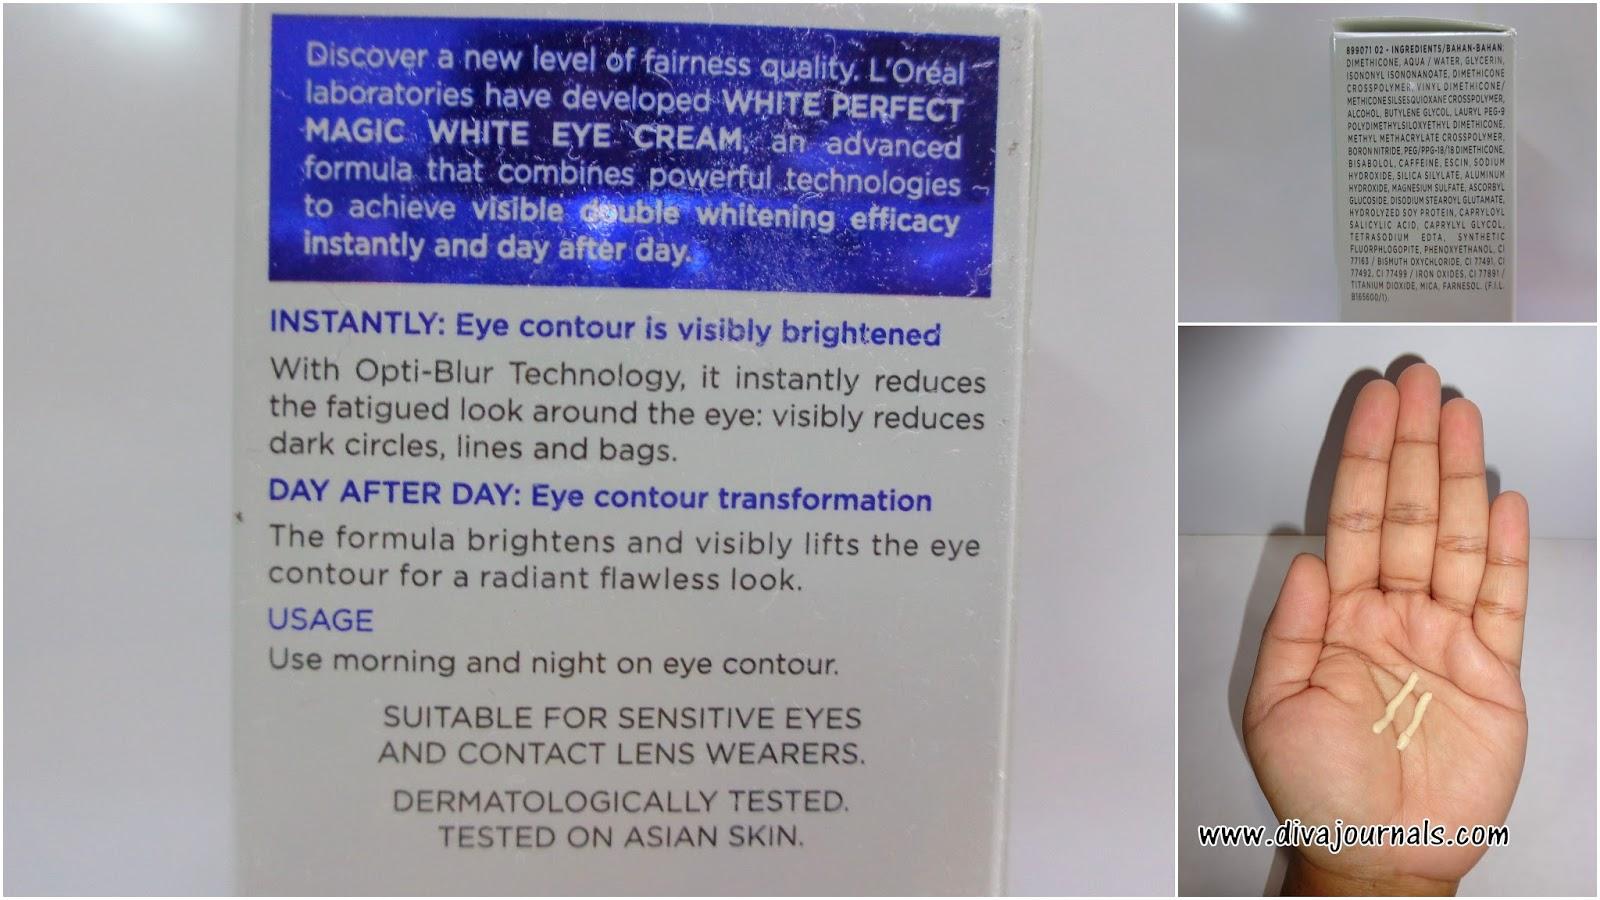 L'oreal Paris White Perfect Magic White Double Whitening Cream SPF 19 & Eye Cream Reviews